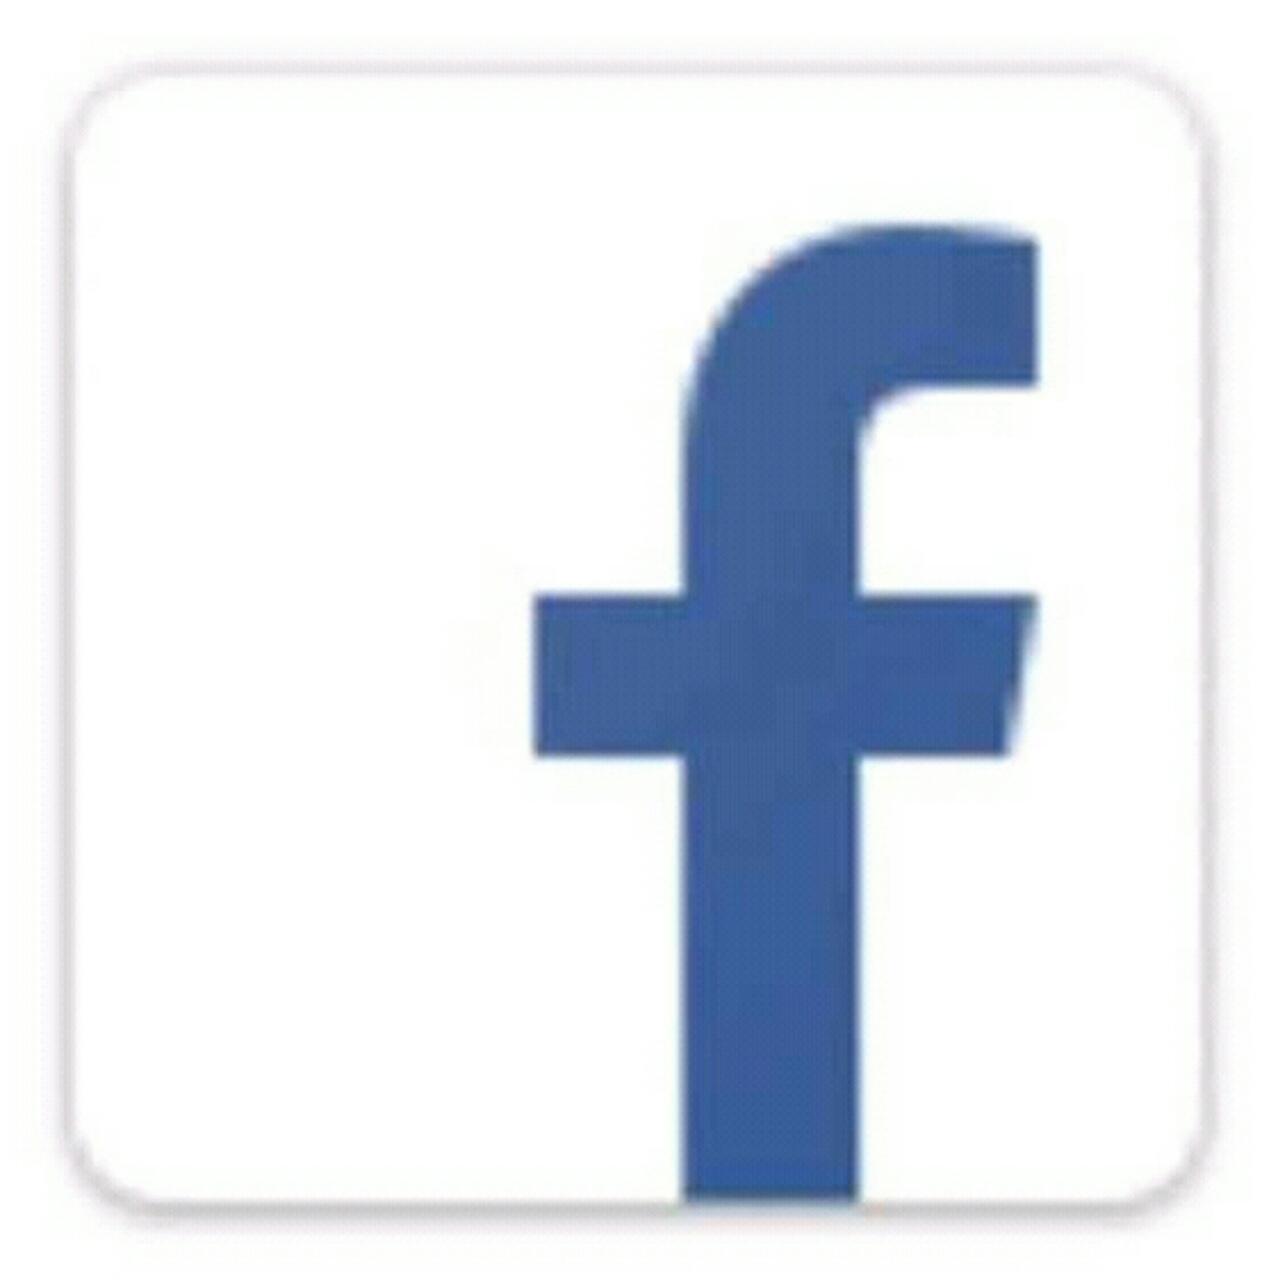 [FREE] Fb lite যাদের চলছে না, তারা তারাতারি এই Fb lite ডাউনলোড করে ফ্রিতে ছবি সহ Facebook চালান।